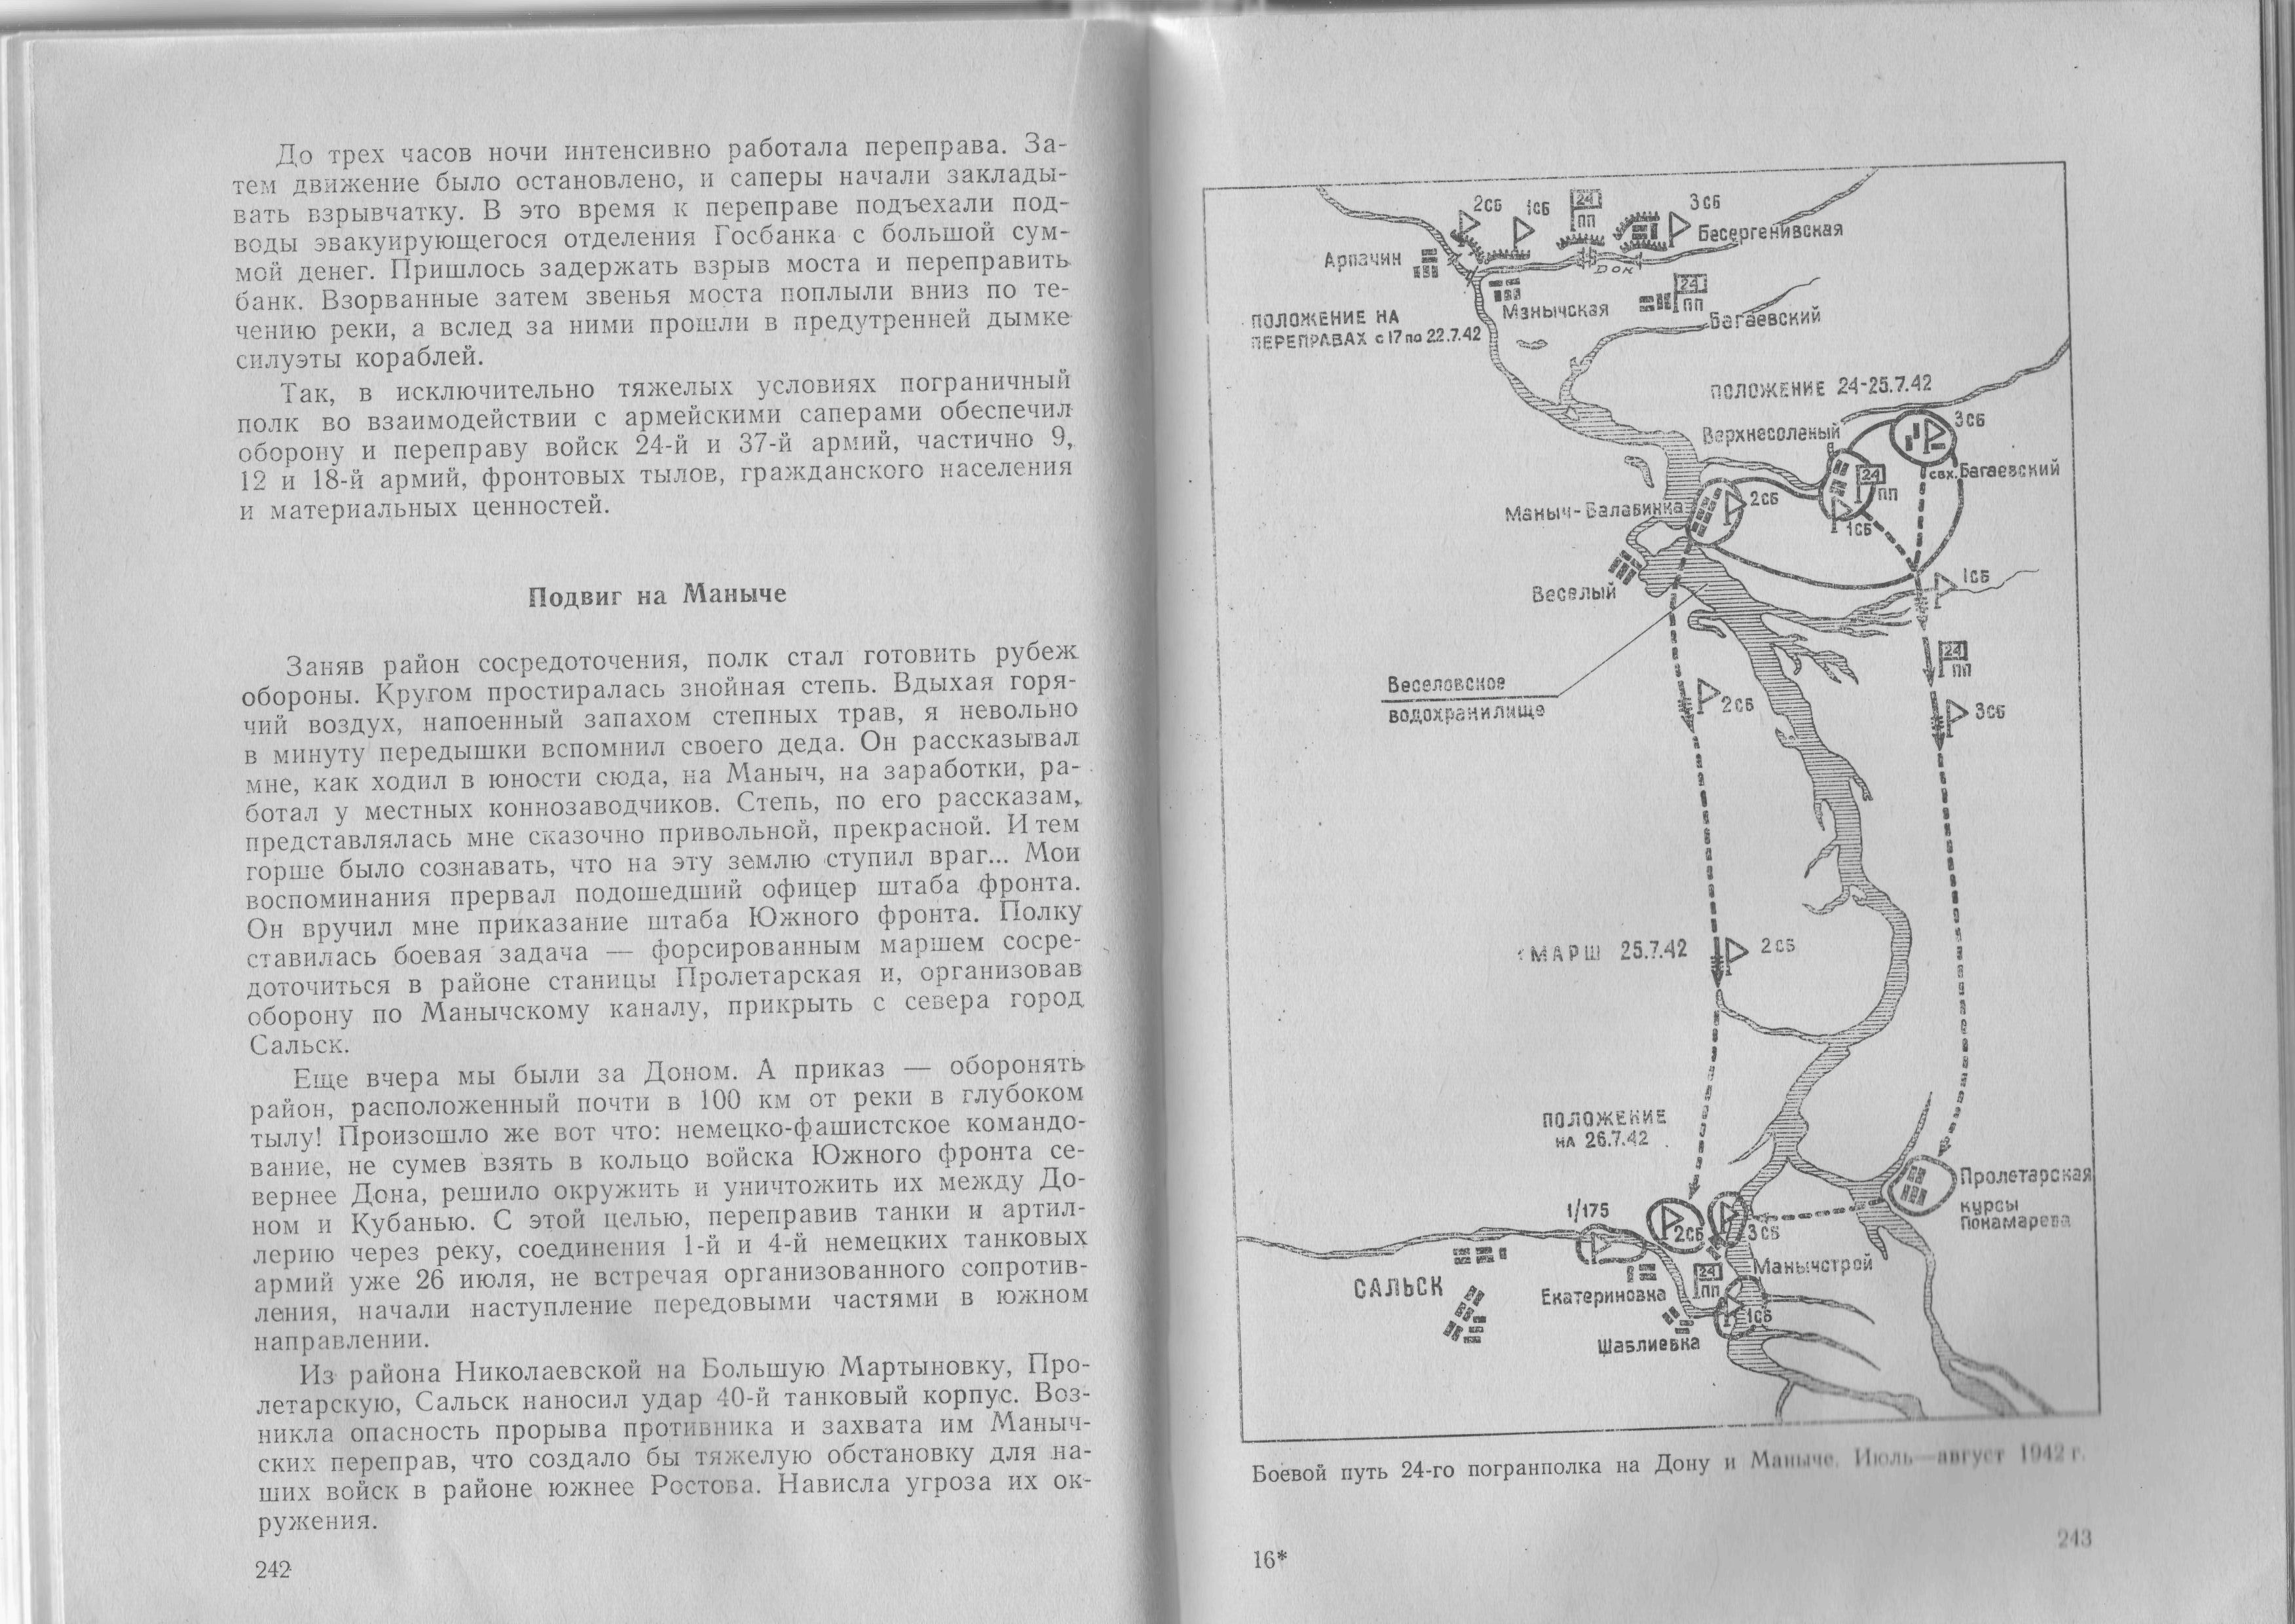 Книга «На страже границ Советского государства» (текст С. Е. Капустина) - Страница 242-243